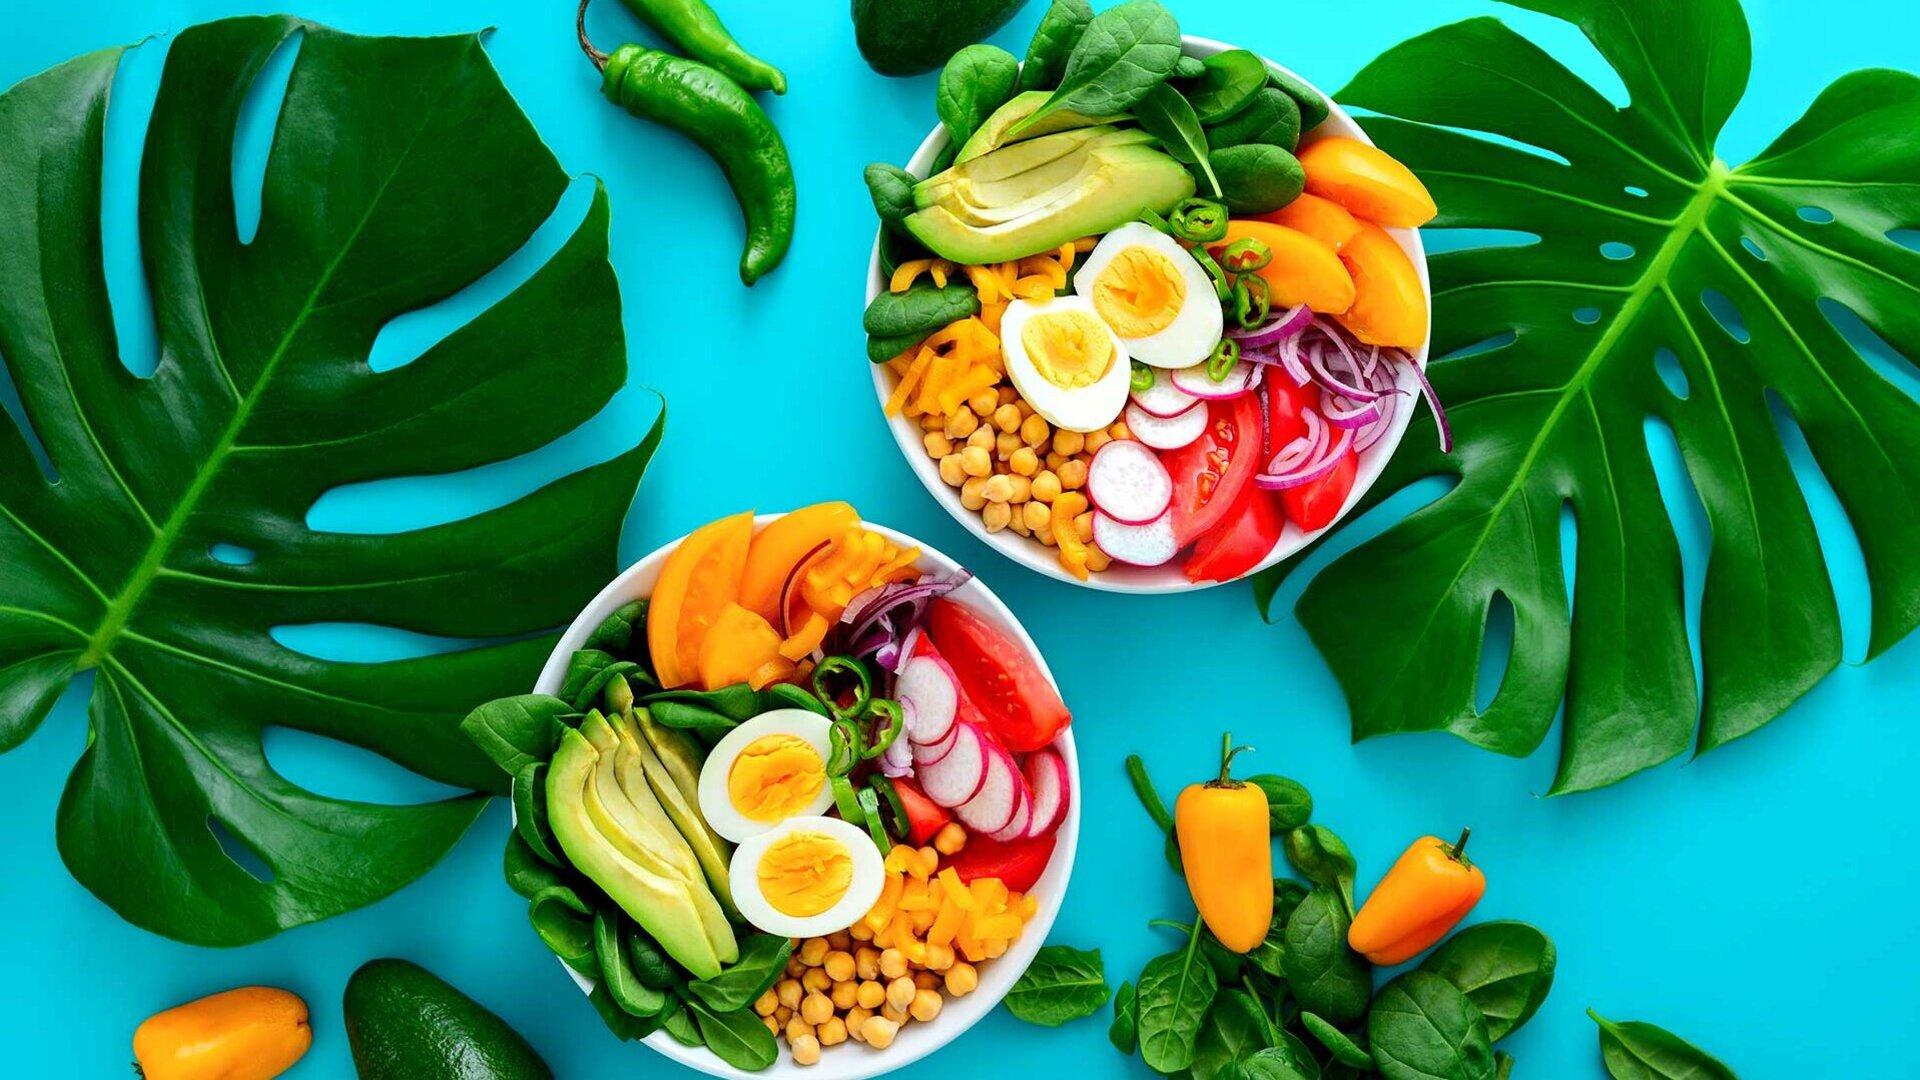 Renkli salata ve sebze kase avokado, yumurta, Mısır ve daha fazlası